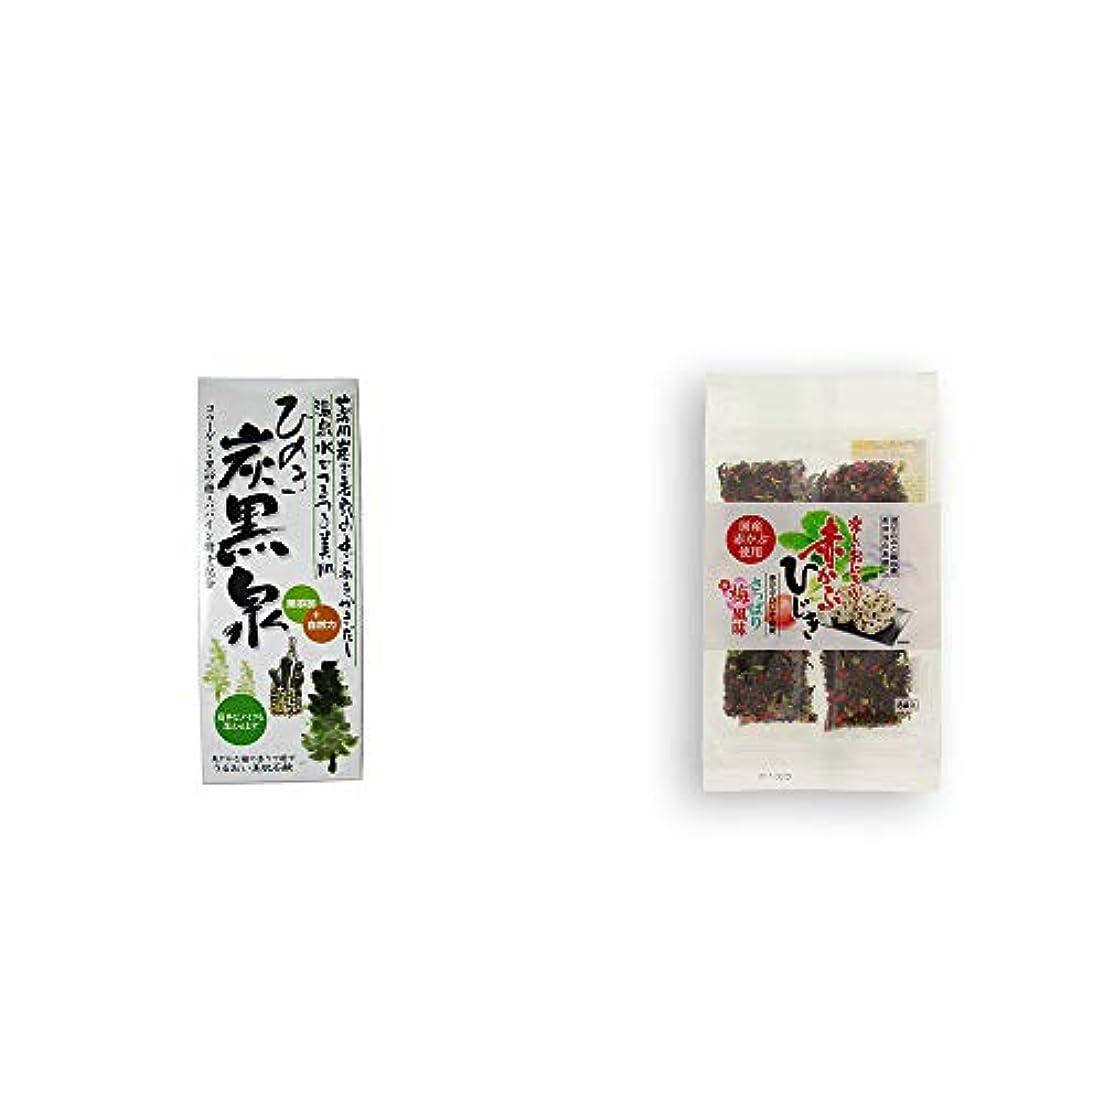 娯楽拷問義務[2点セット] ひのき炭黒泉 箱入り(75g×3)?楽しいおにぎり 赤かぶひじき(8g×8袋)